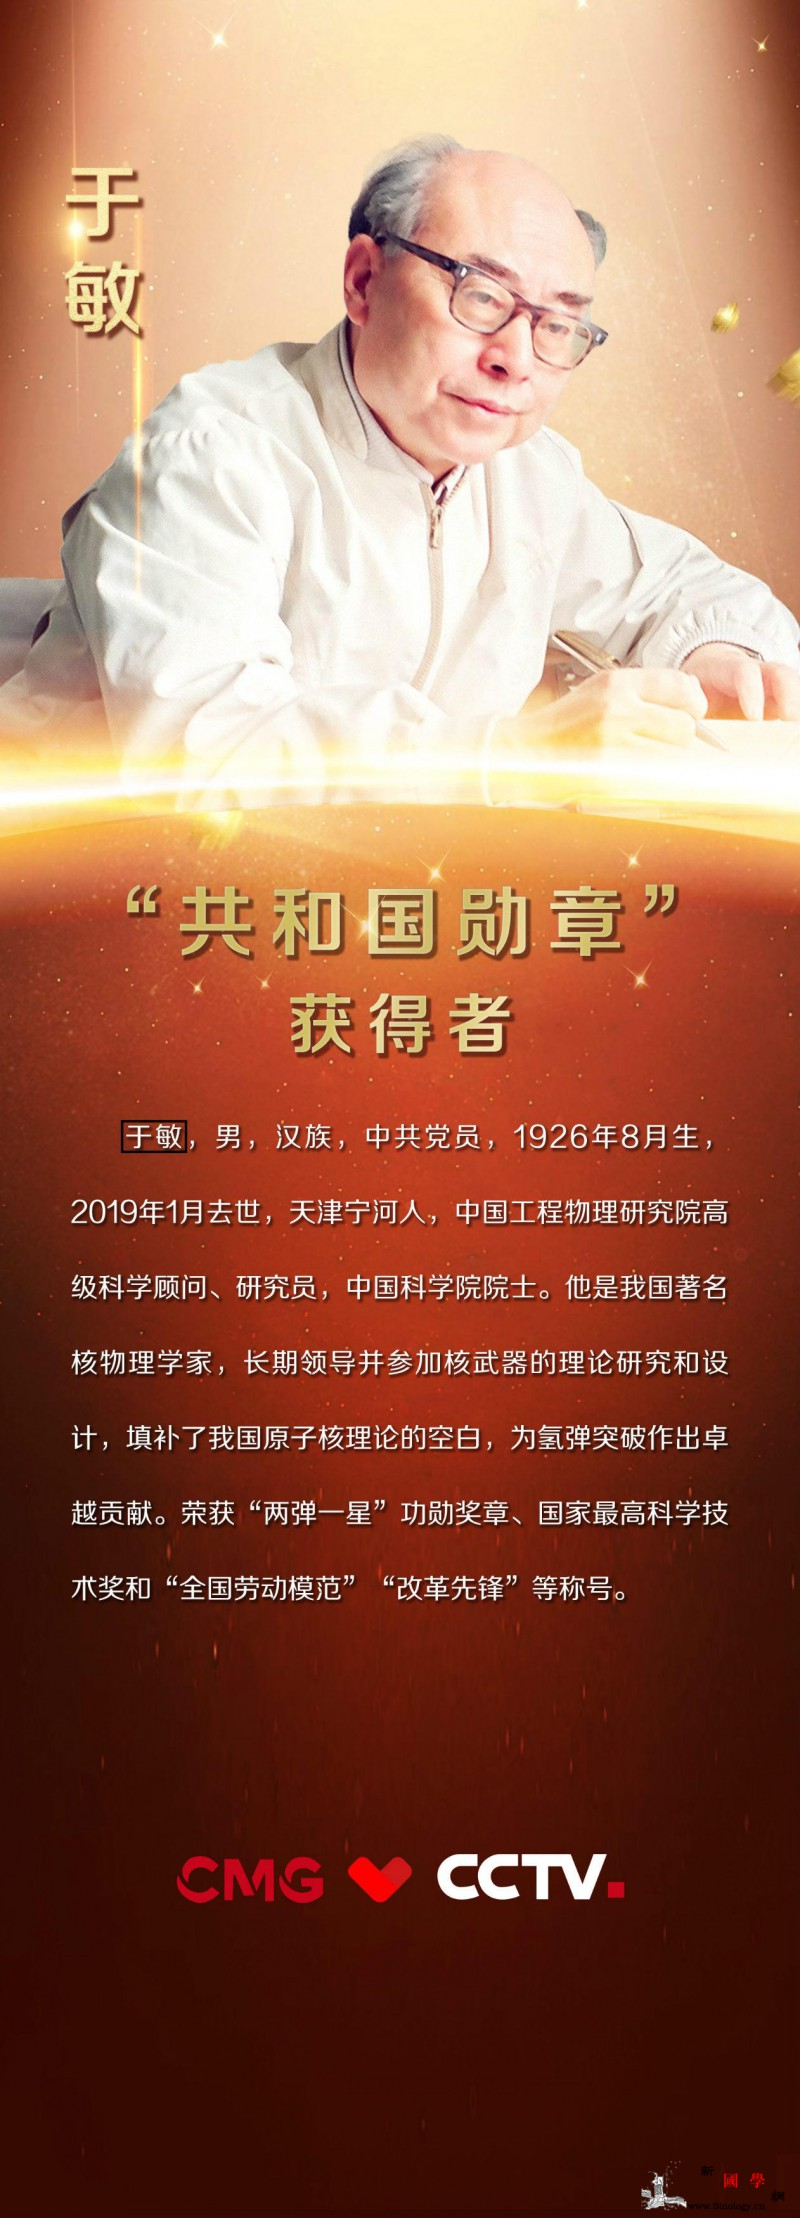 一个曾经绝密28年的名字——于敏_宁河-汉族-核物理-